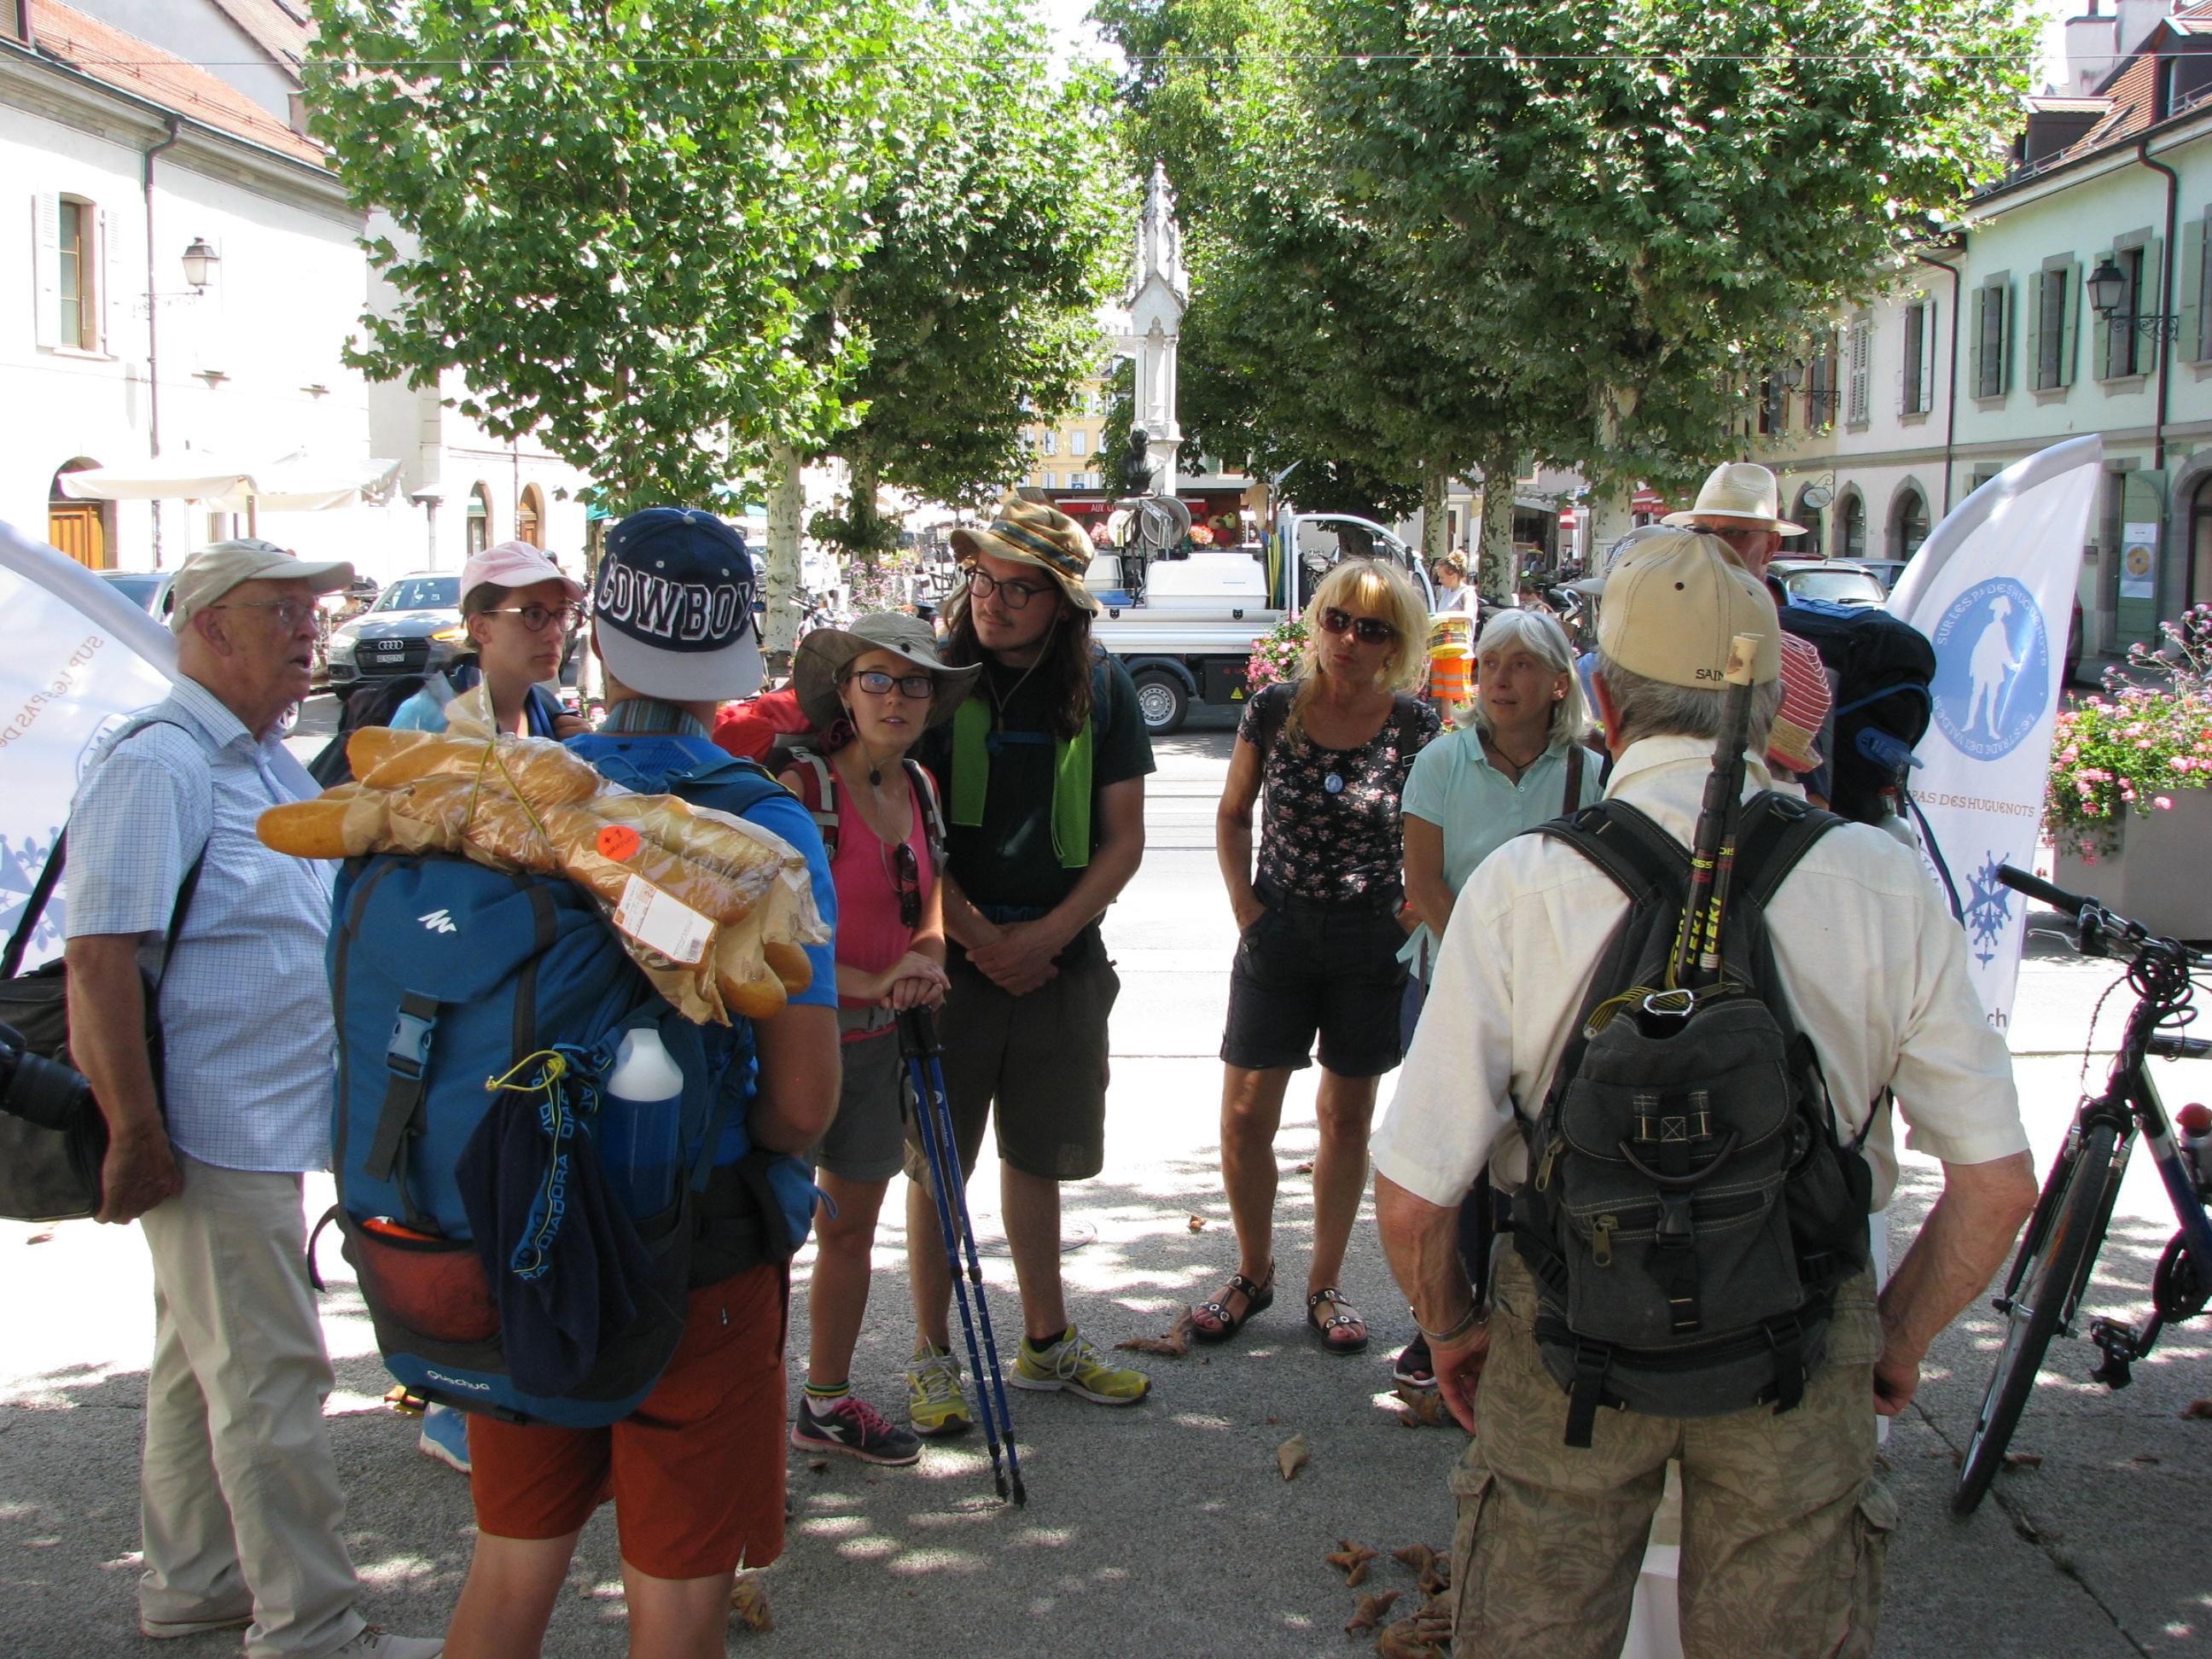 Les jeunes marcheurs venus des Vallées vaudoises du Piémont sur les traces de leurs ancêtres traversent Carouge, accompagnés par une délégation  du Musée de la Réforme. © Loïc Zen Ruffinen